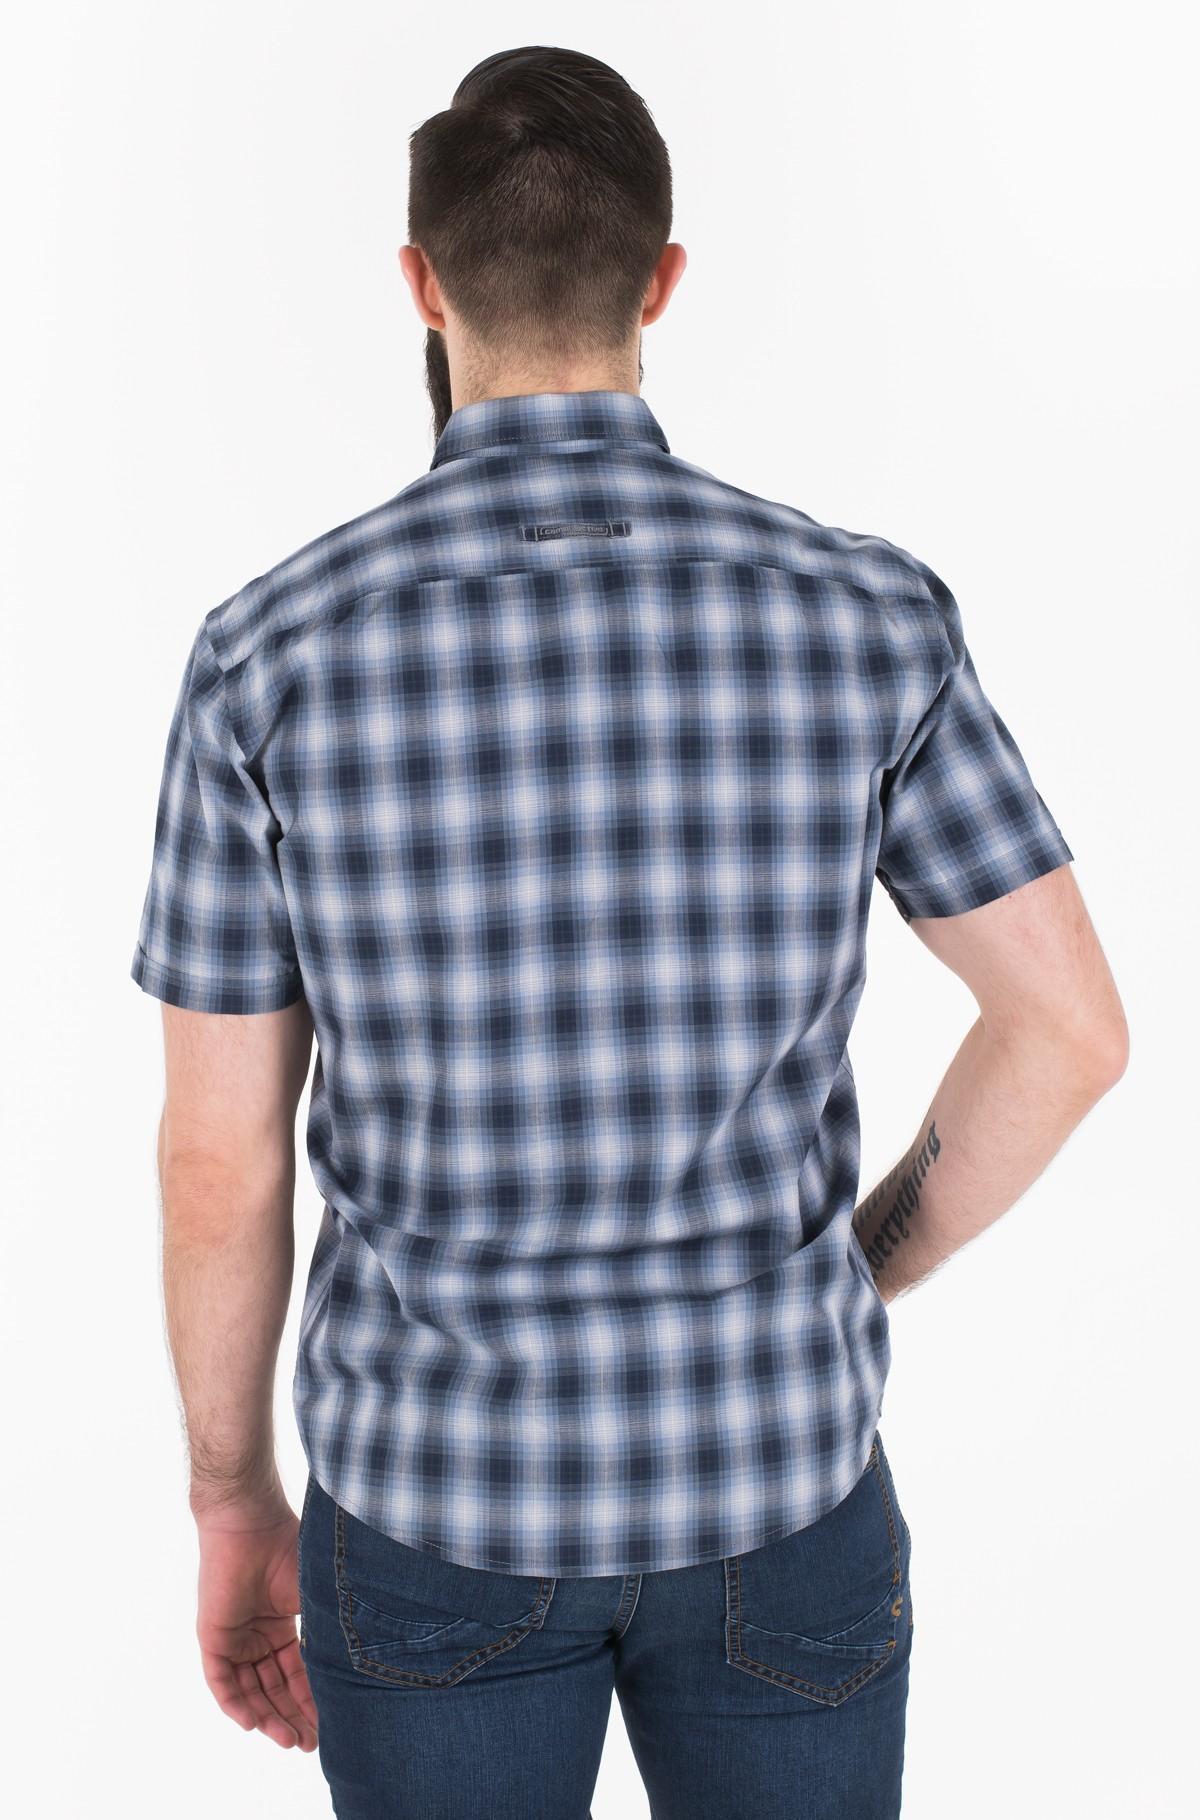 Marškiniai su trumpomis rankovėmis 31.115375-full-2